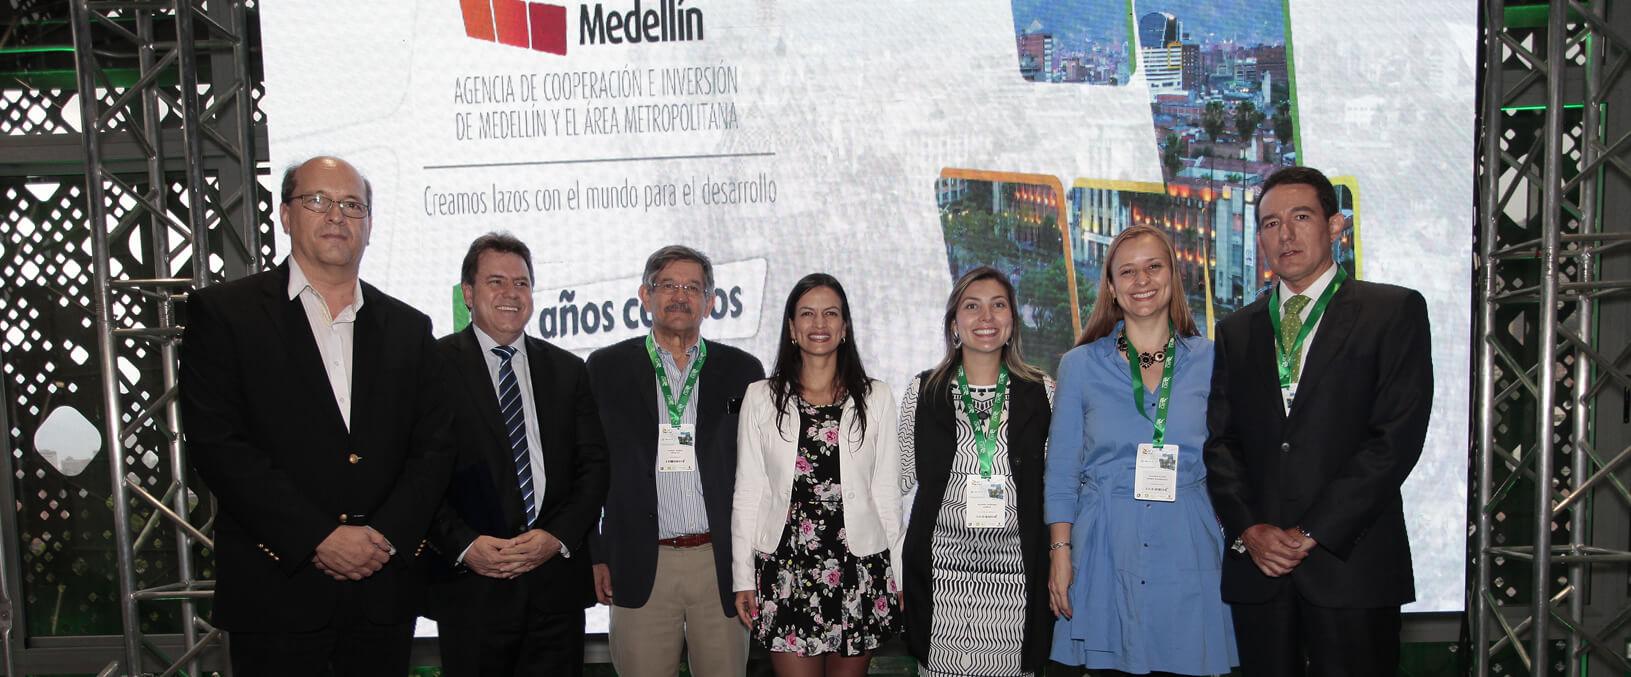 Foro de inversión y cooperación ACI Medellín